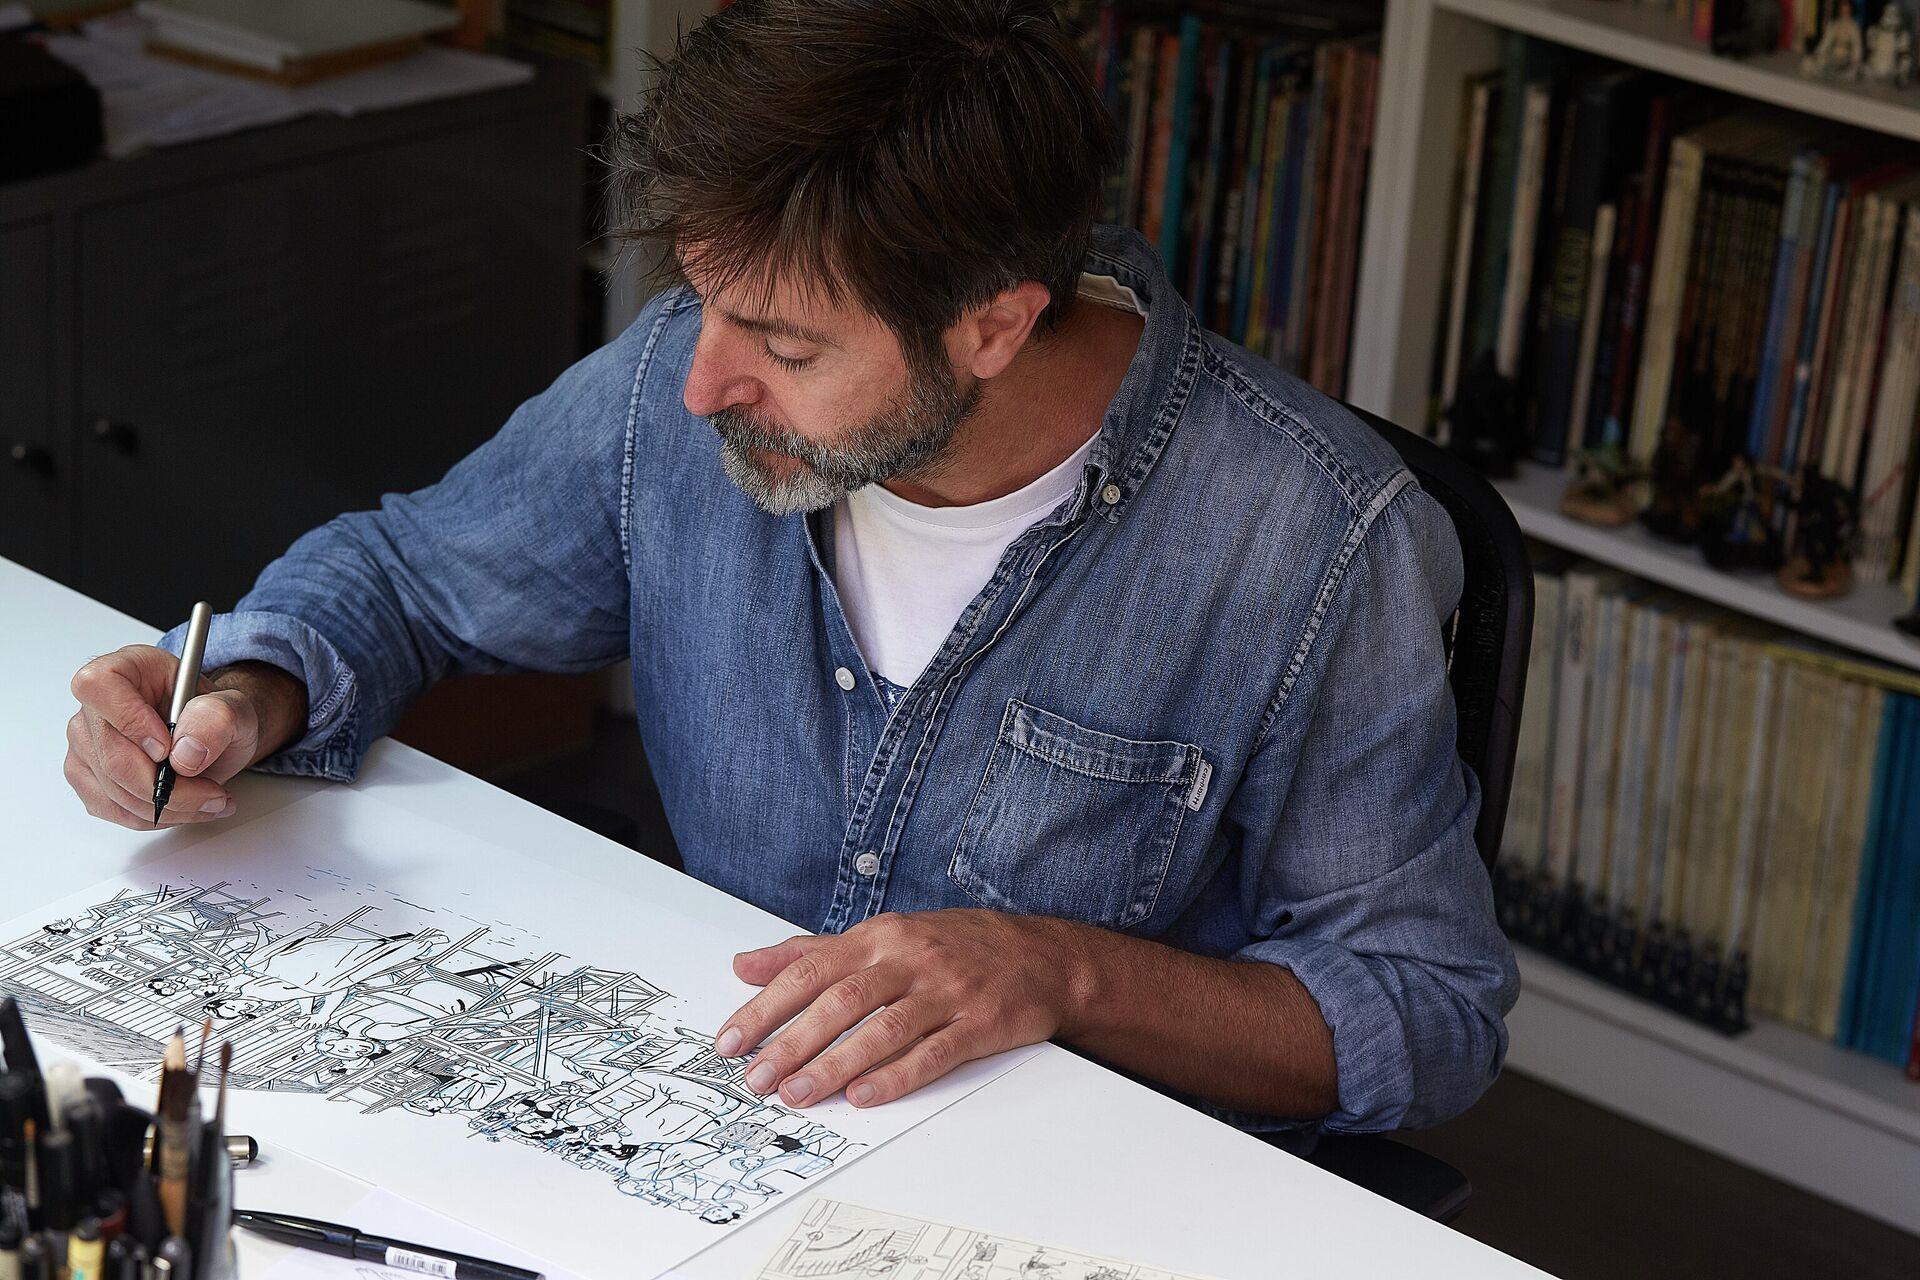 El dibujante español Paco Roca con uno de sus cómics - Sputnik Mundo, 1920, 04.10.2021